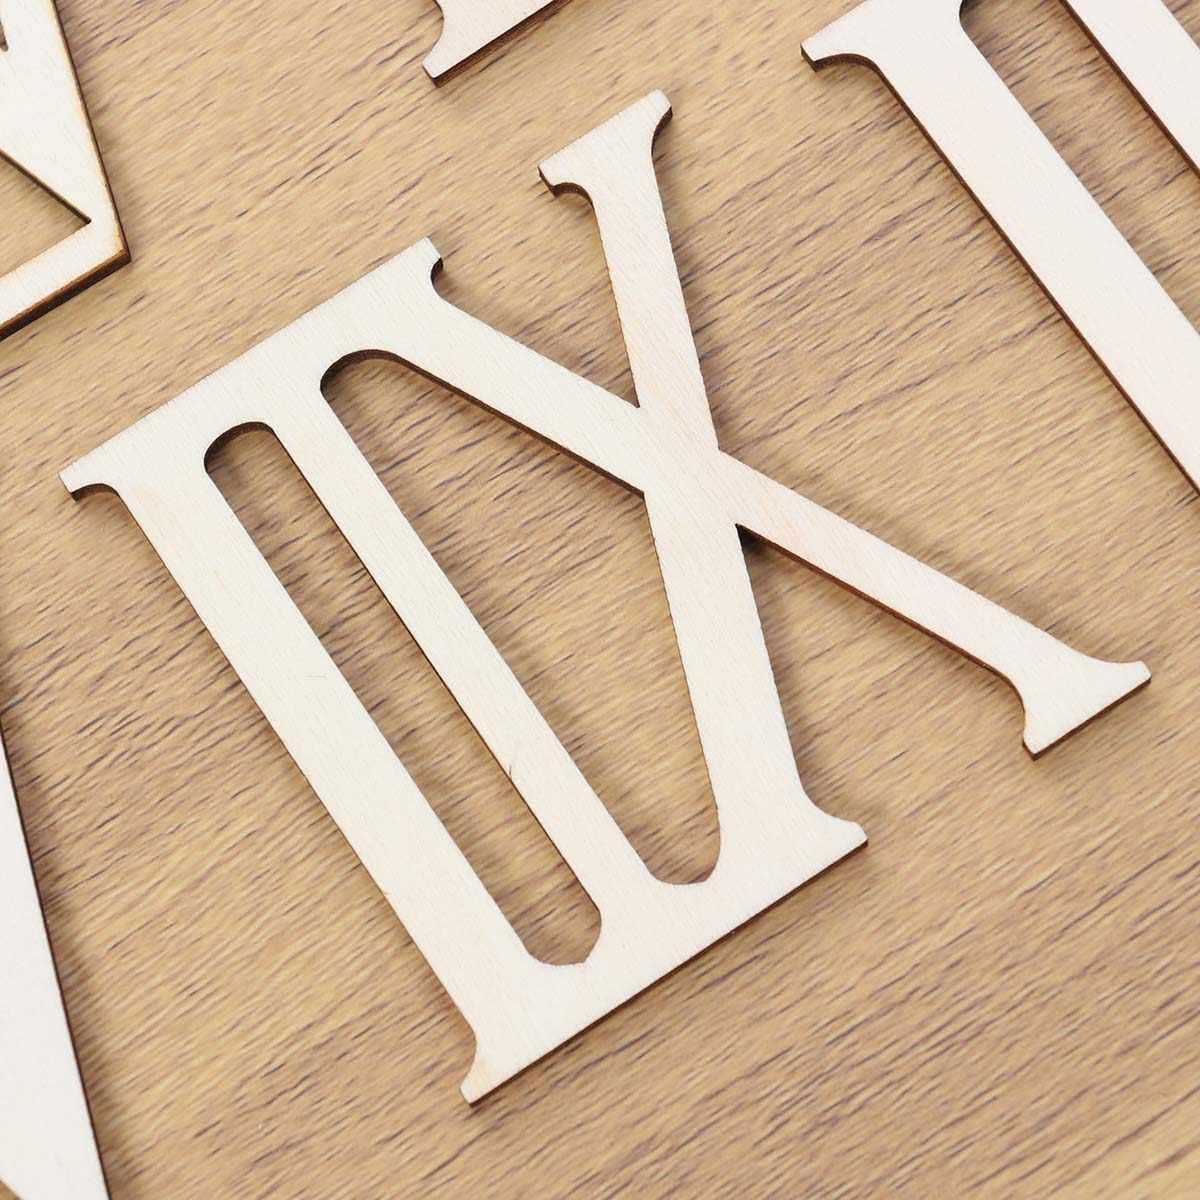 12pcs Legno Fette di Numeri Romani Numeri delle Forme Numerici In Legno Per La Casa Decorazione Regalo di Artigianato Ornamenti